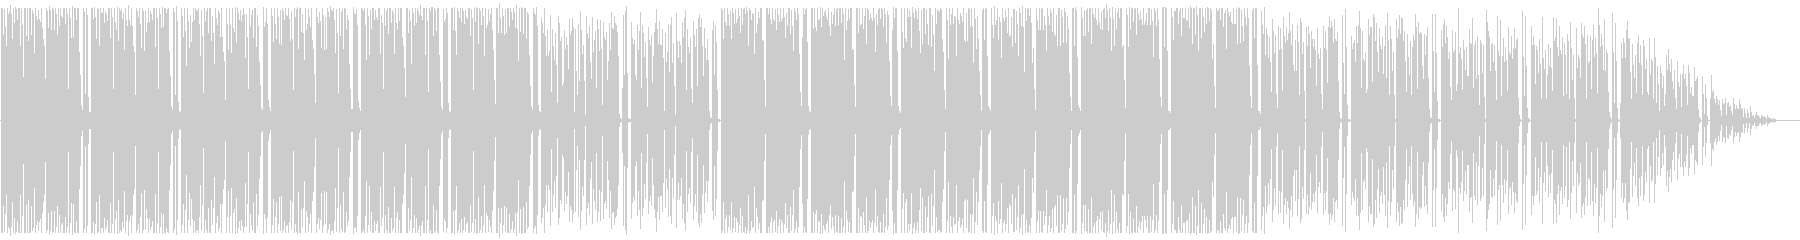 心がホップする軽快な音楽の未再生の波形